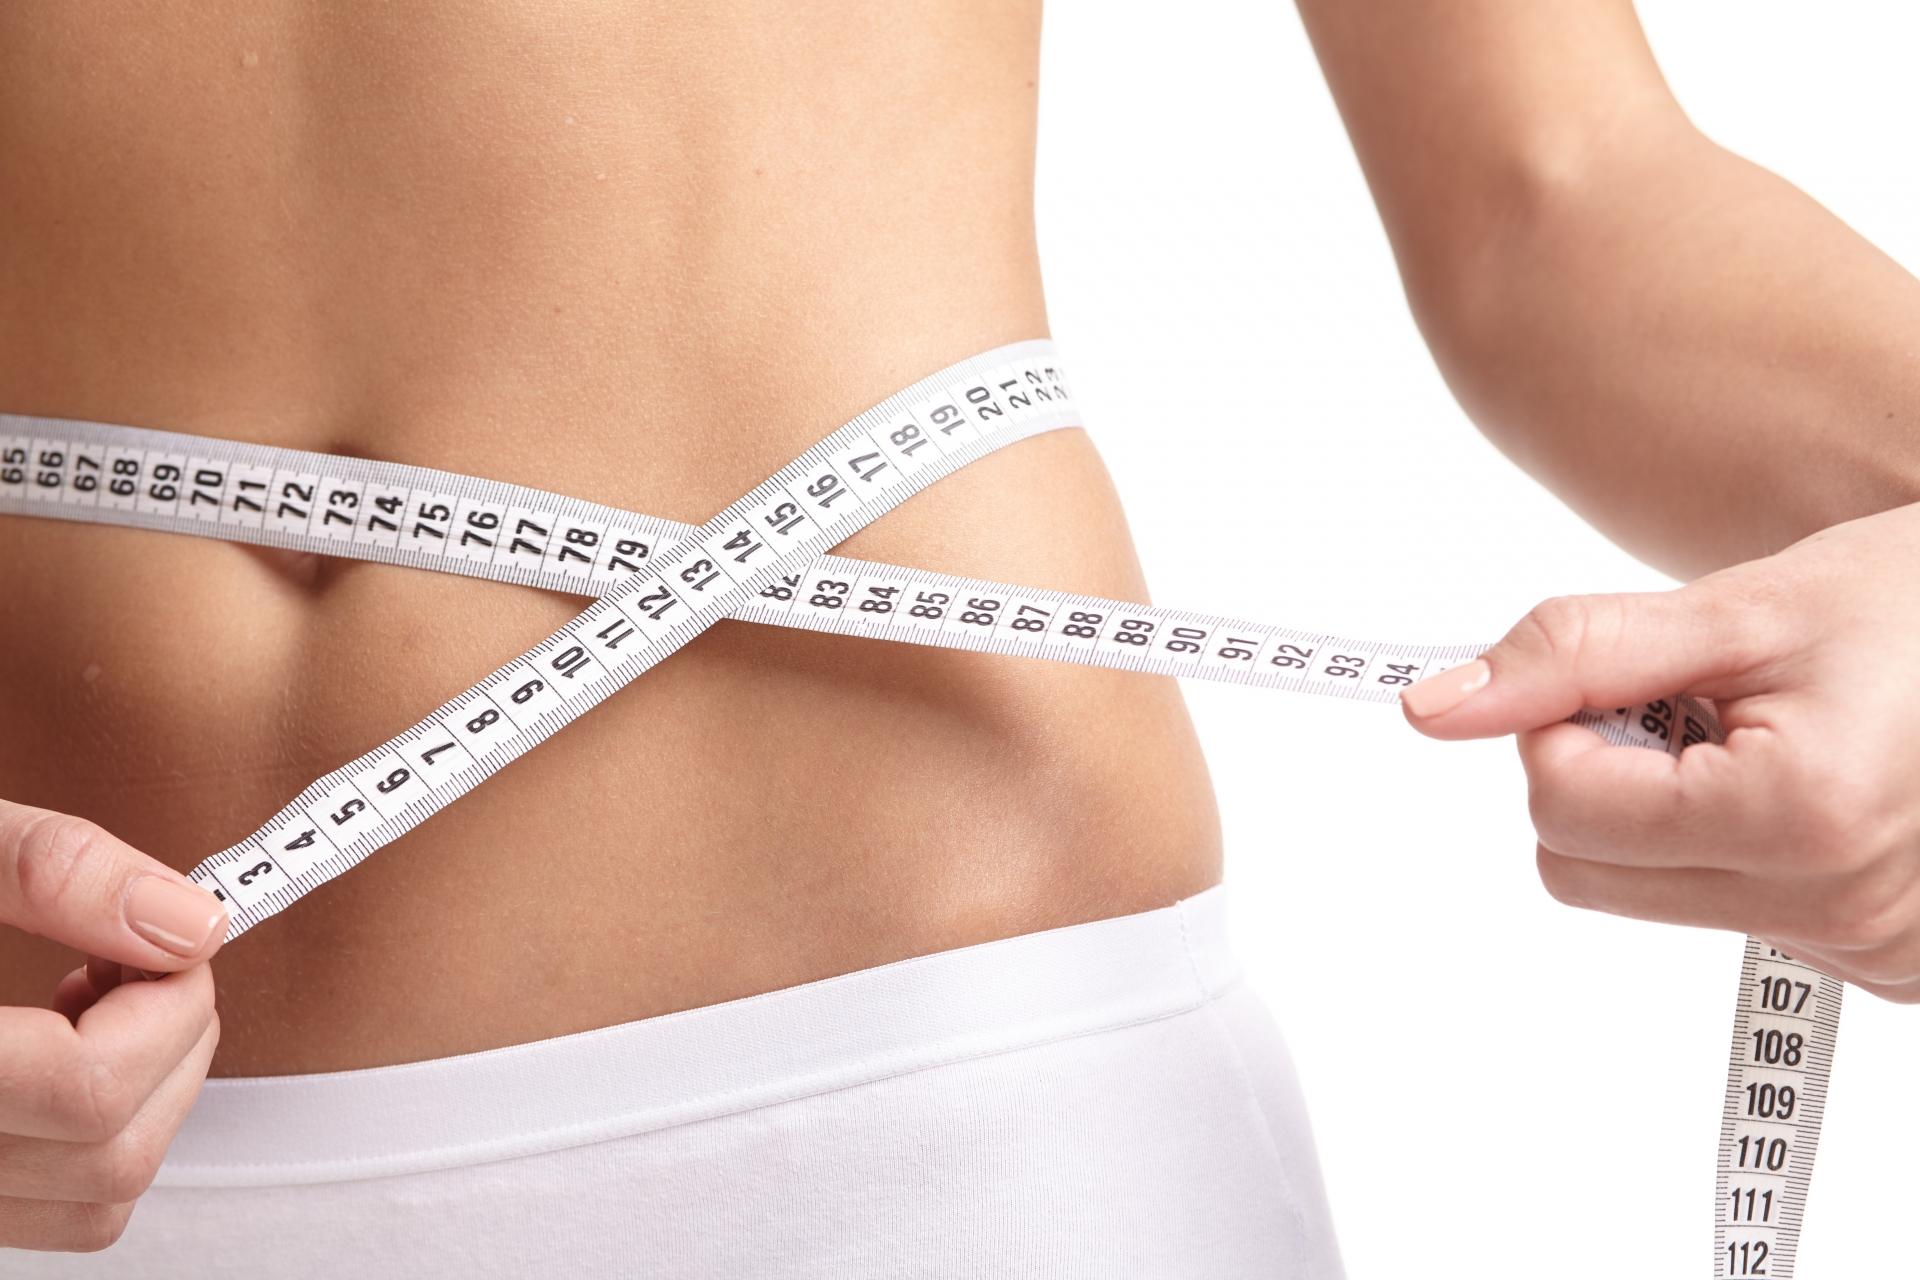 腹筋のやり方の種類や強度を理解して、割れた腹筋を目指そう